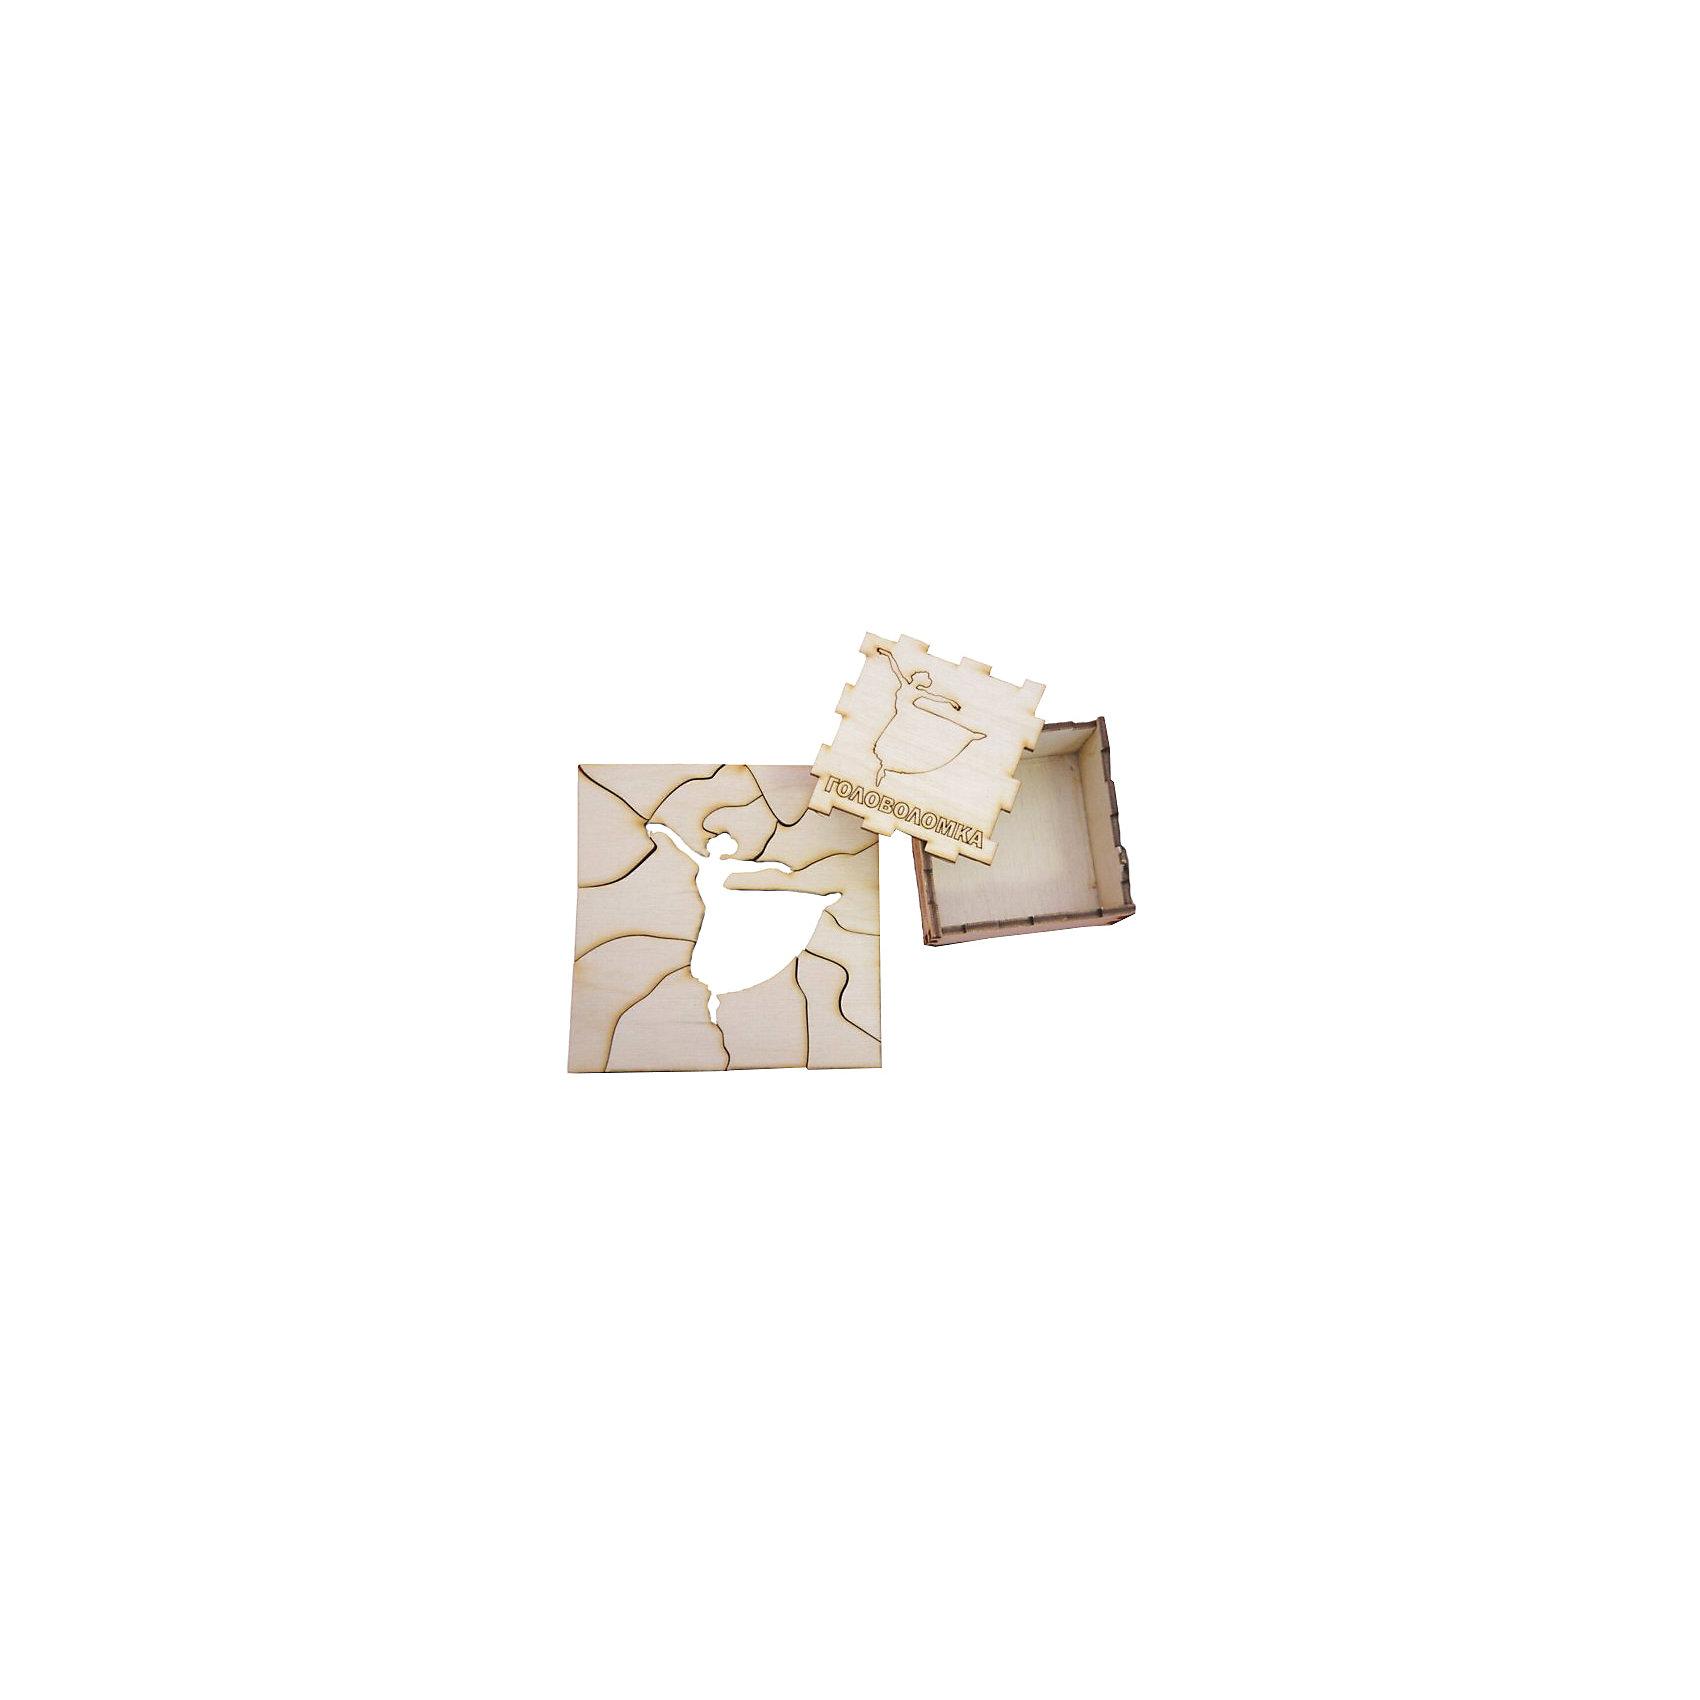 Головоломка Балерина, ПолноцветДеревянные головоломки<br>Характеристики:<br><br>• возраст: от 5 лет;<br>• уровень сложности: 4;<br>• материал: фанера березовая шлифованная ФК, 3 мм;<br>• размер упаковки: 6х6х3 см;<br>• вес упаковки: 70 г;<br>• тип упаковки: деревянная коробка.<br><br>Головоломка - это прекрасный инструмент для ума, вырабатывающий неординарное видение. Головоломку можно раскрасить красками, карандашами или фломастерами. Деревянная коробка с крышкой вмещает детали головоломки. Чтобы решить головоломку, нужно собрать квадрат с выемкой в виде танцующей балерины.<br><br>Развивающие занятия стимулируют логику, пространственное мышление и тренируют мелкую моторику.<br><br>Головоломку «Балерина», Полноцвет можно приобрести в нашем интернет-магазине.<br><br>Ширина мм: 30<br>Глубина мм: 60<br>Высота мм: 60<br>Вес г: 70<br>Возраст от месяцев: 36<br>Возраст до месяцев: 2147483647<br>Пол: Унисекс<br>Возраст: Детский<br>SKU: 7025955